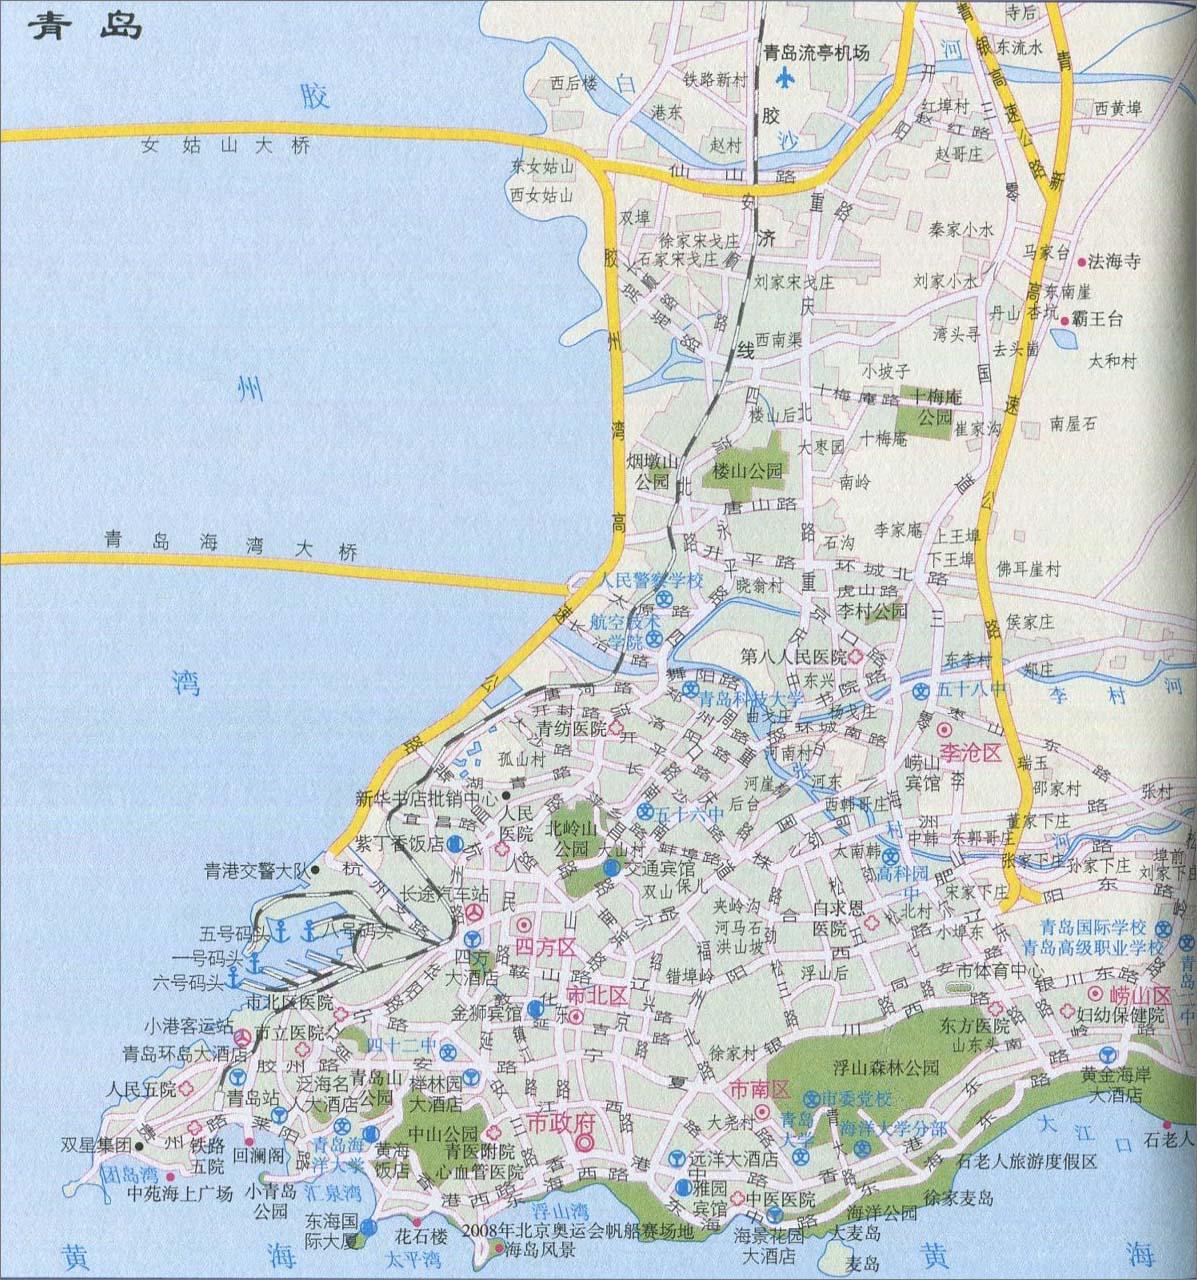 青岛城区旅游地图_青岛地图库